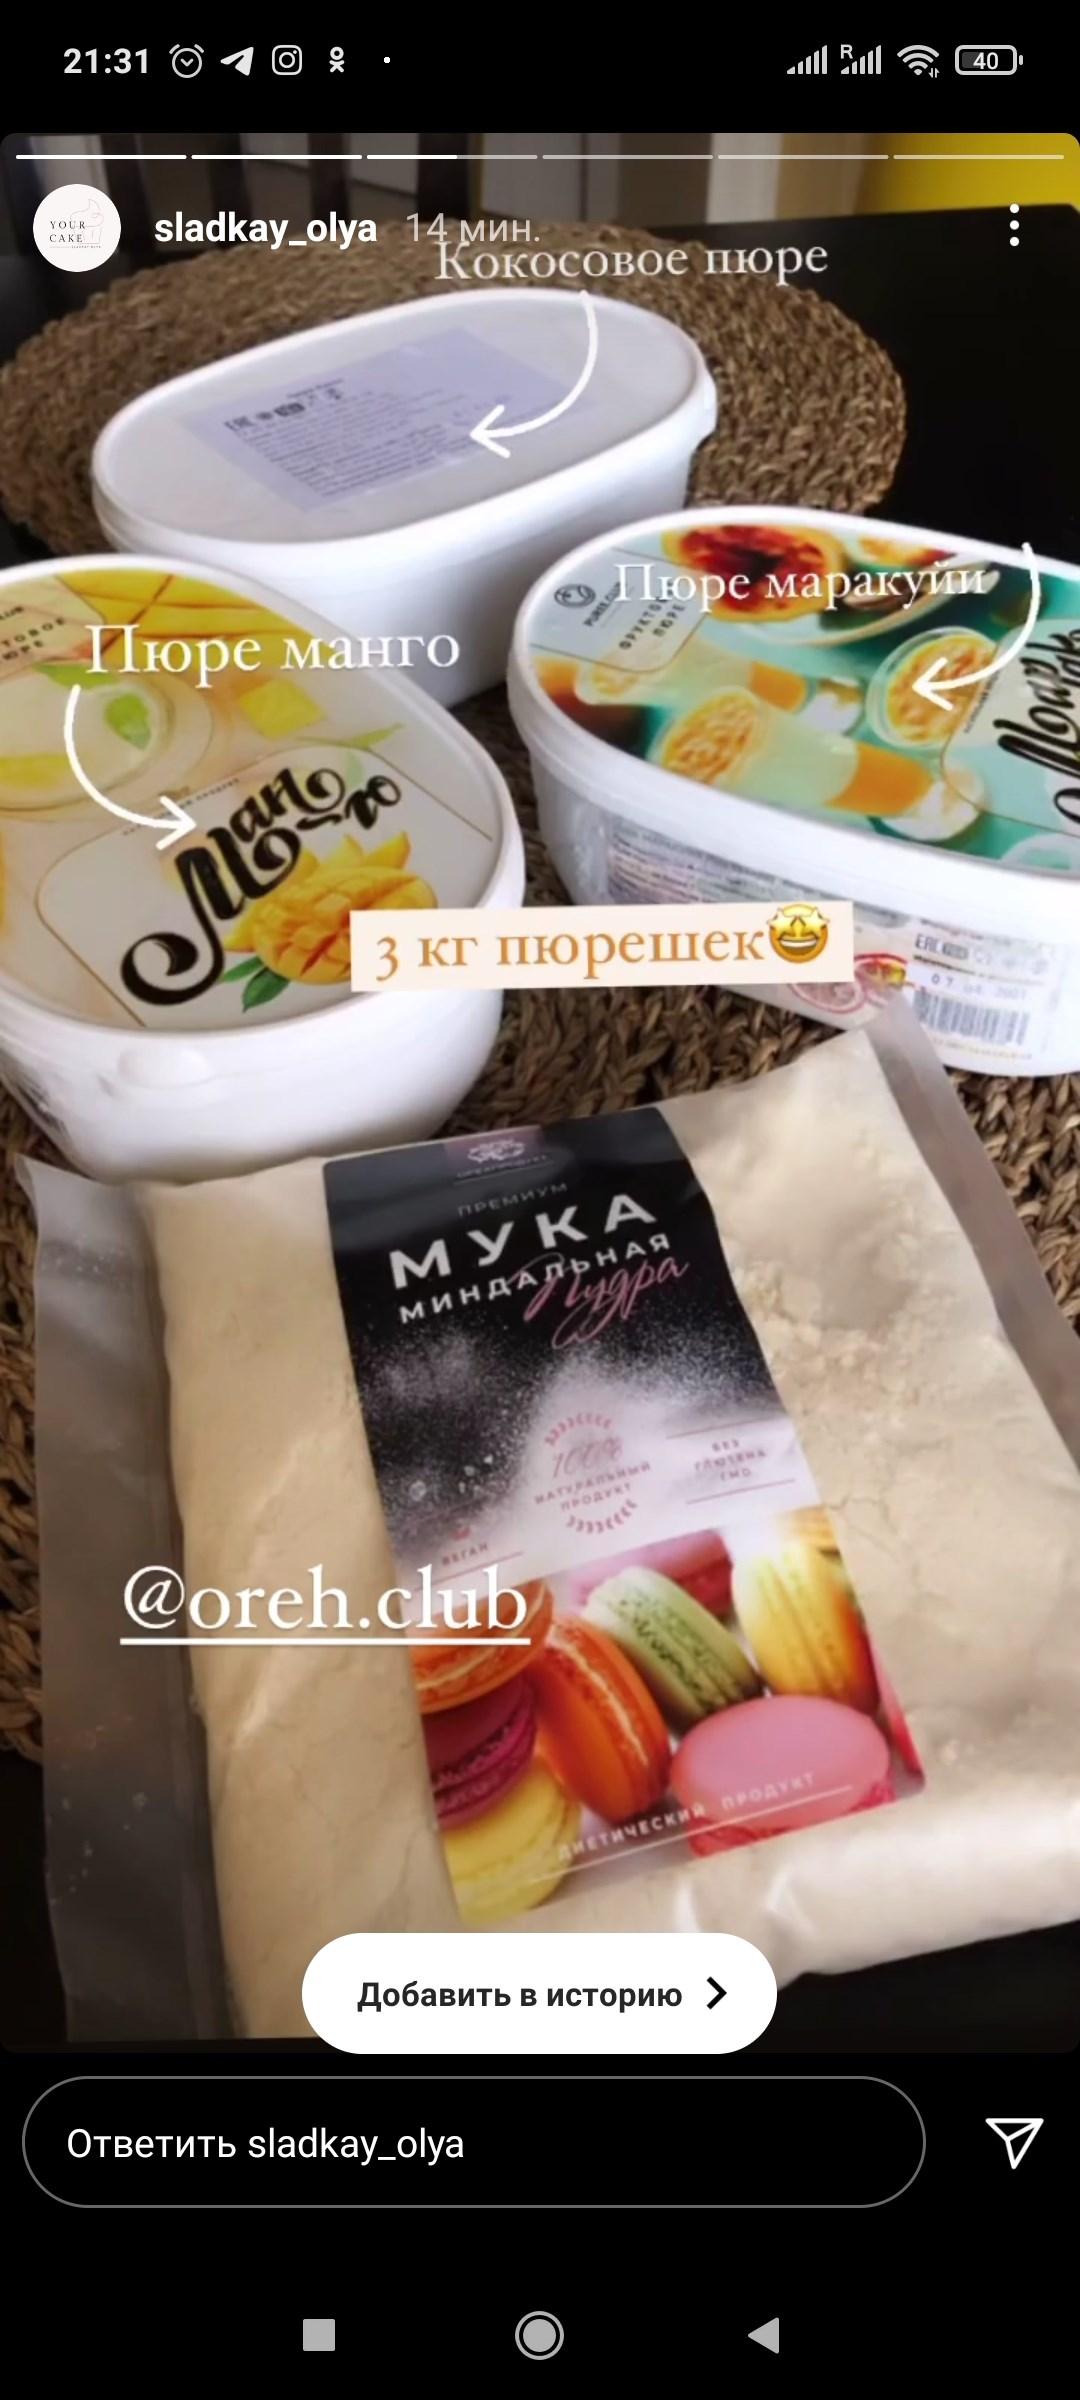 sladkay_olya